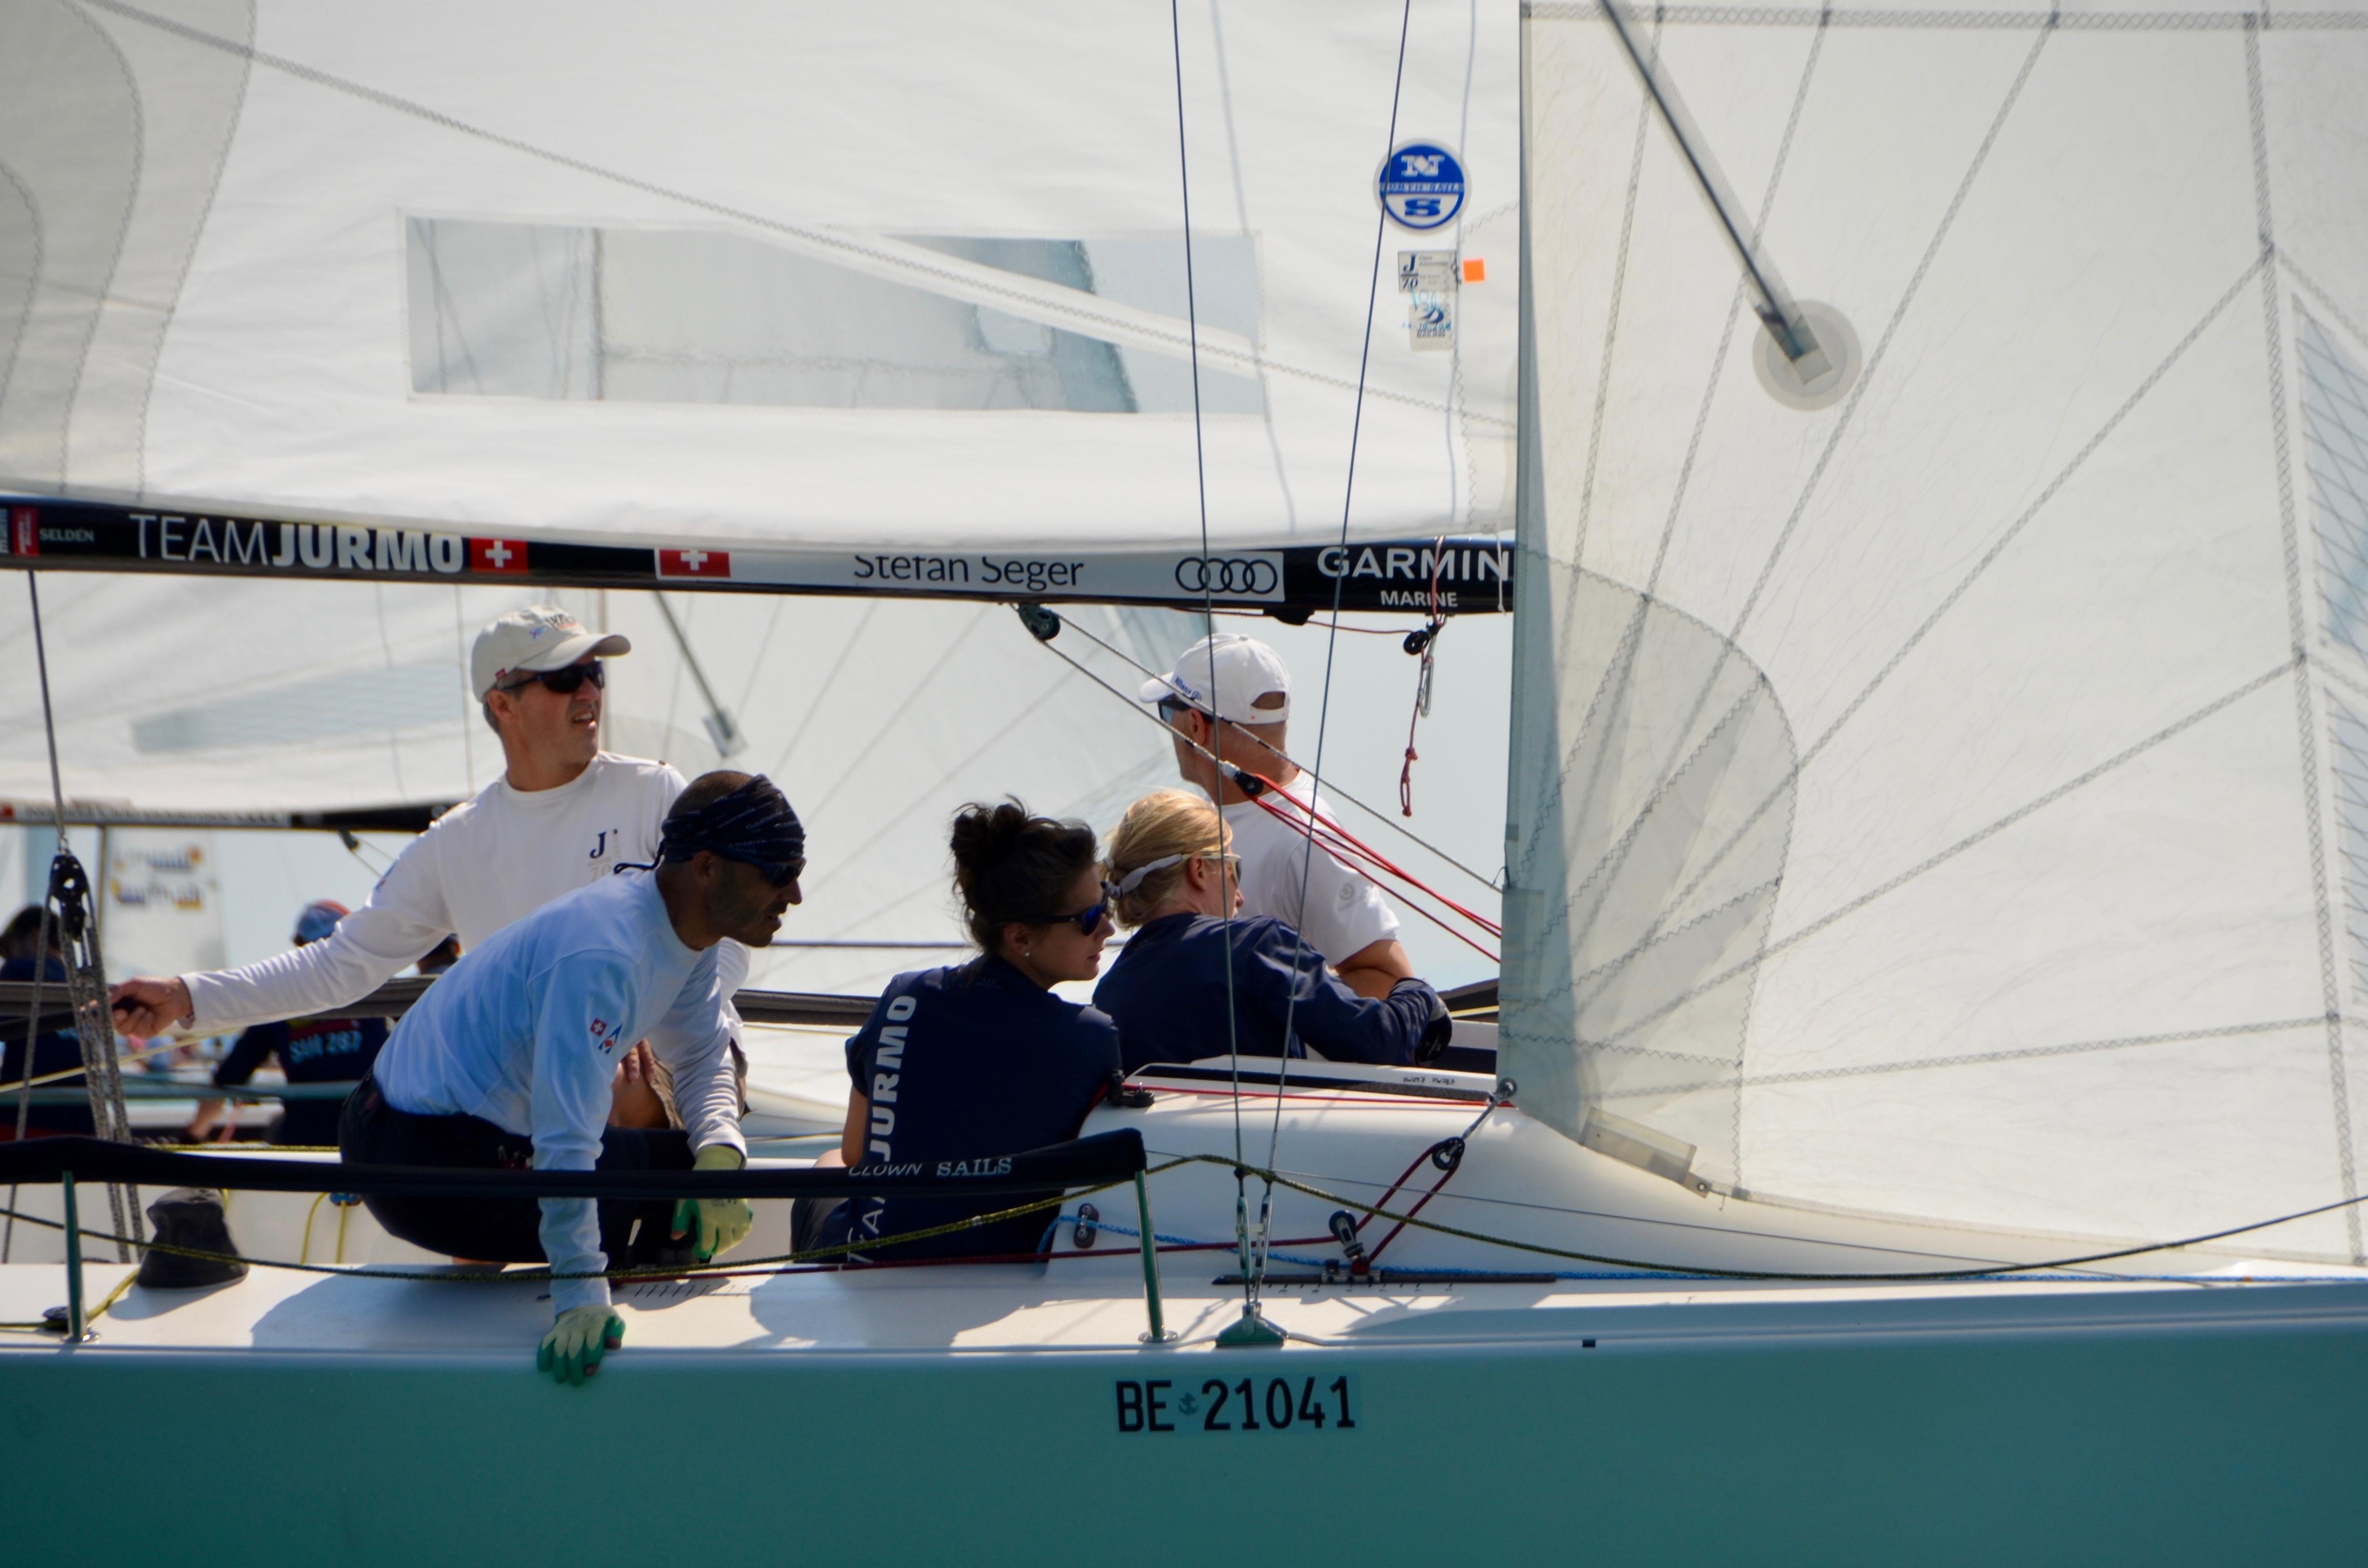 Grösste Schweizer Sportboot Segelregatta vor Kreuzlingen